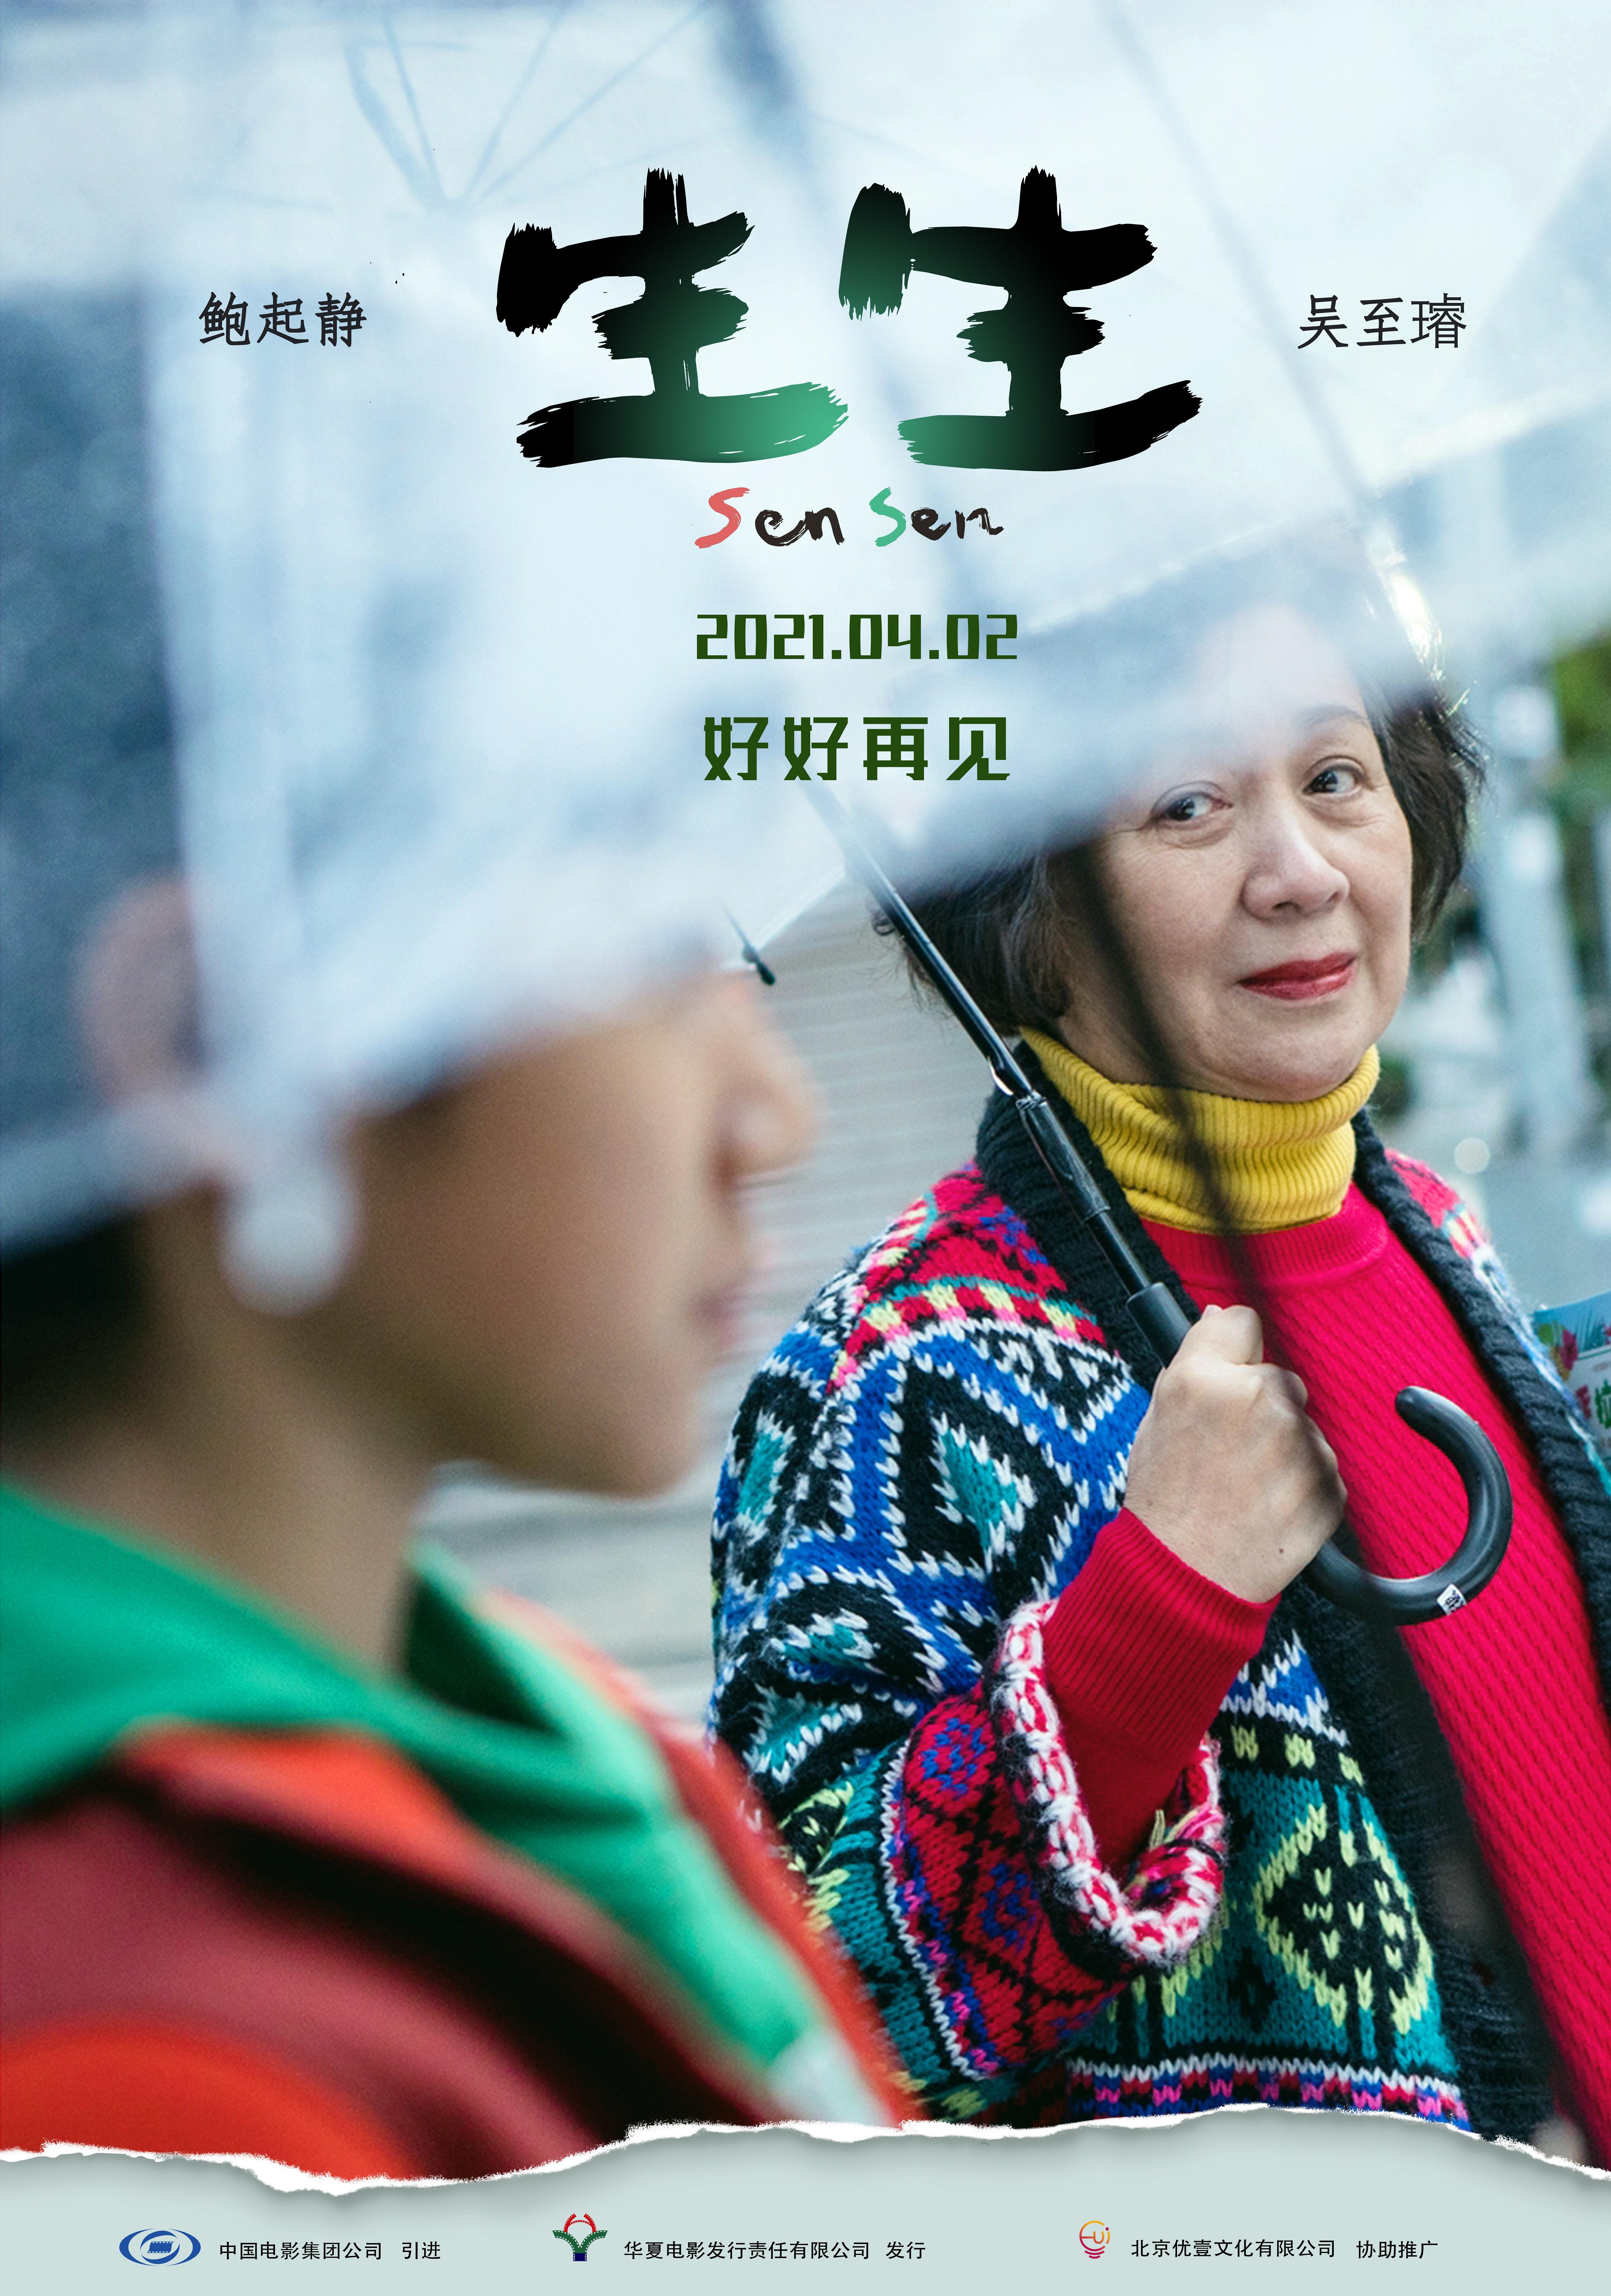 电影《生生》定档清明节 网红奶奶笑对离别